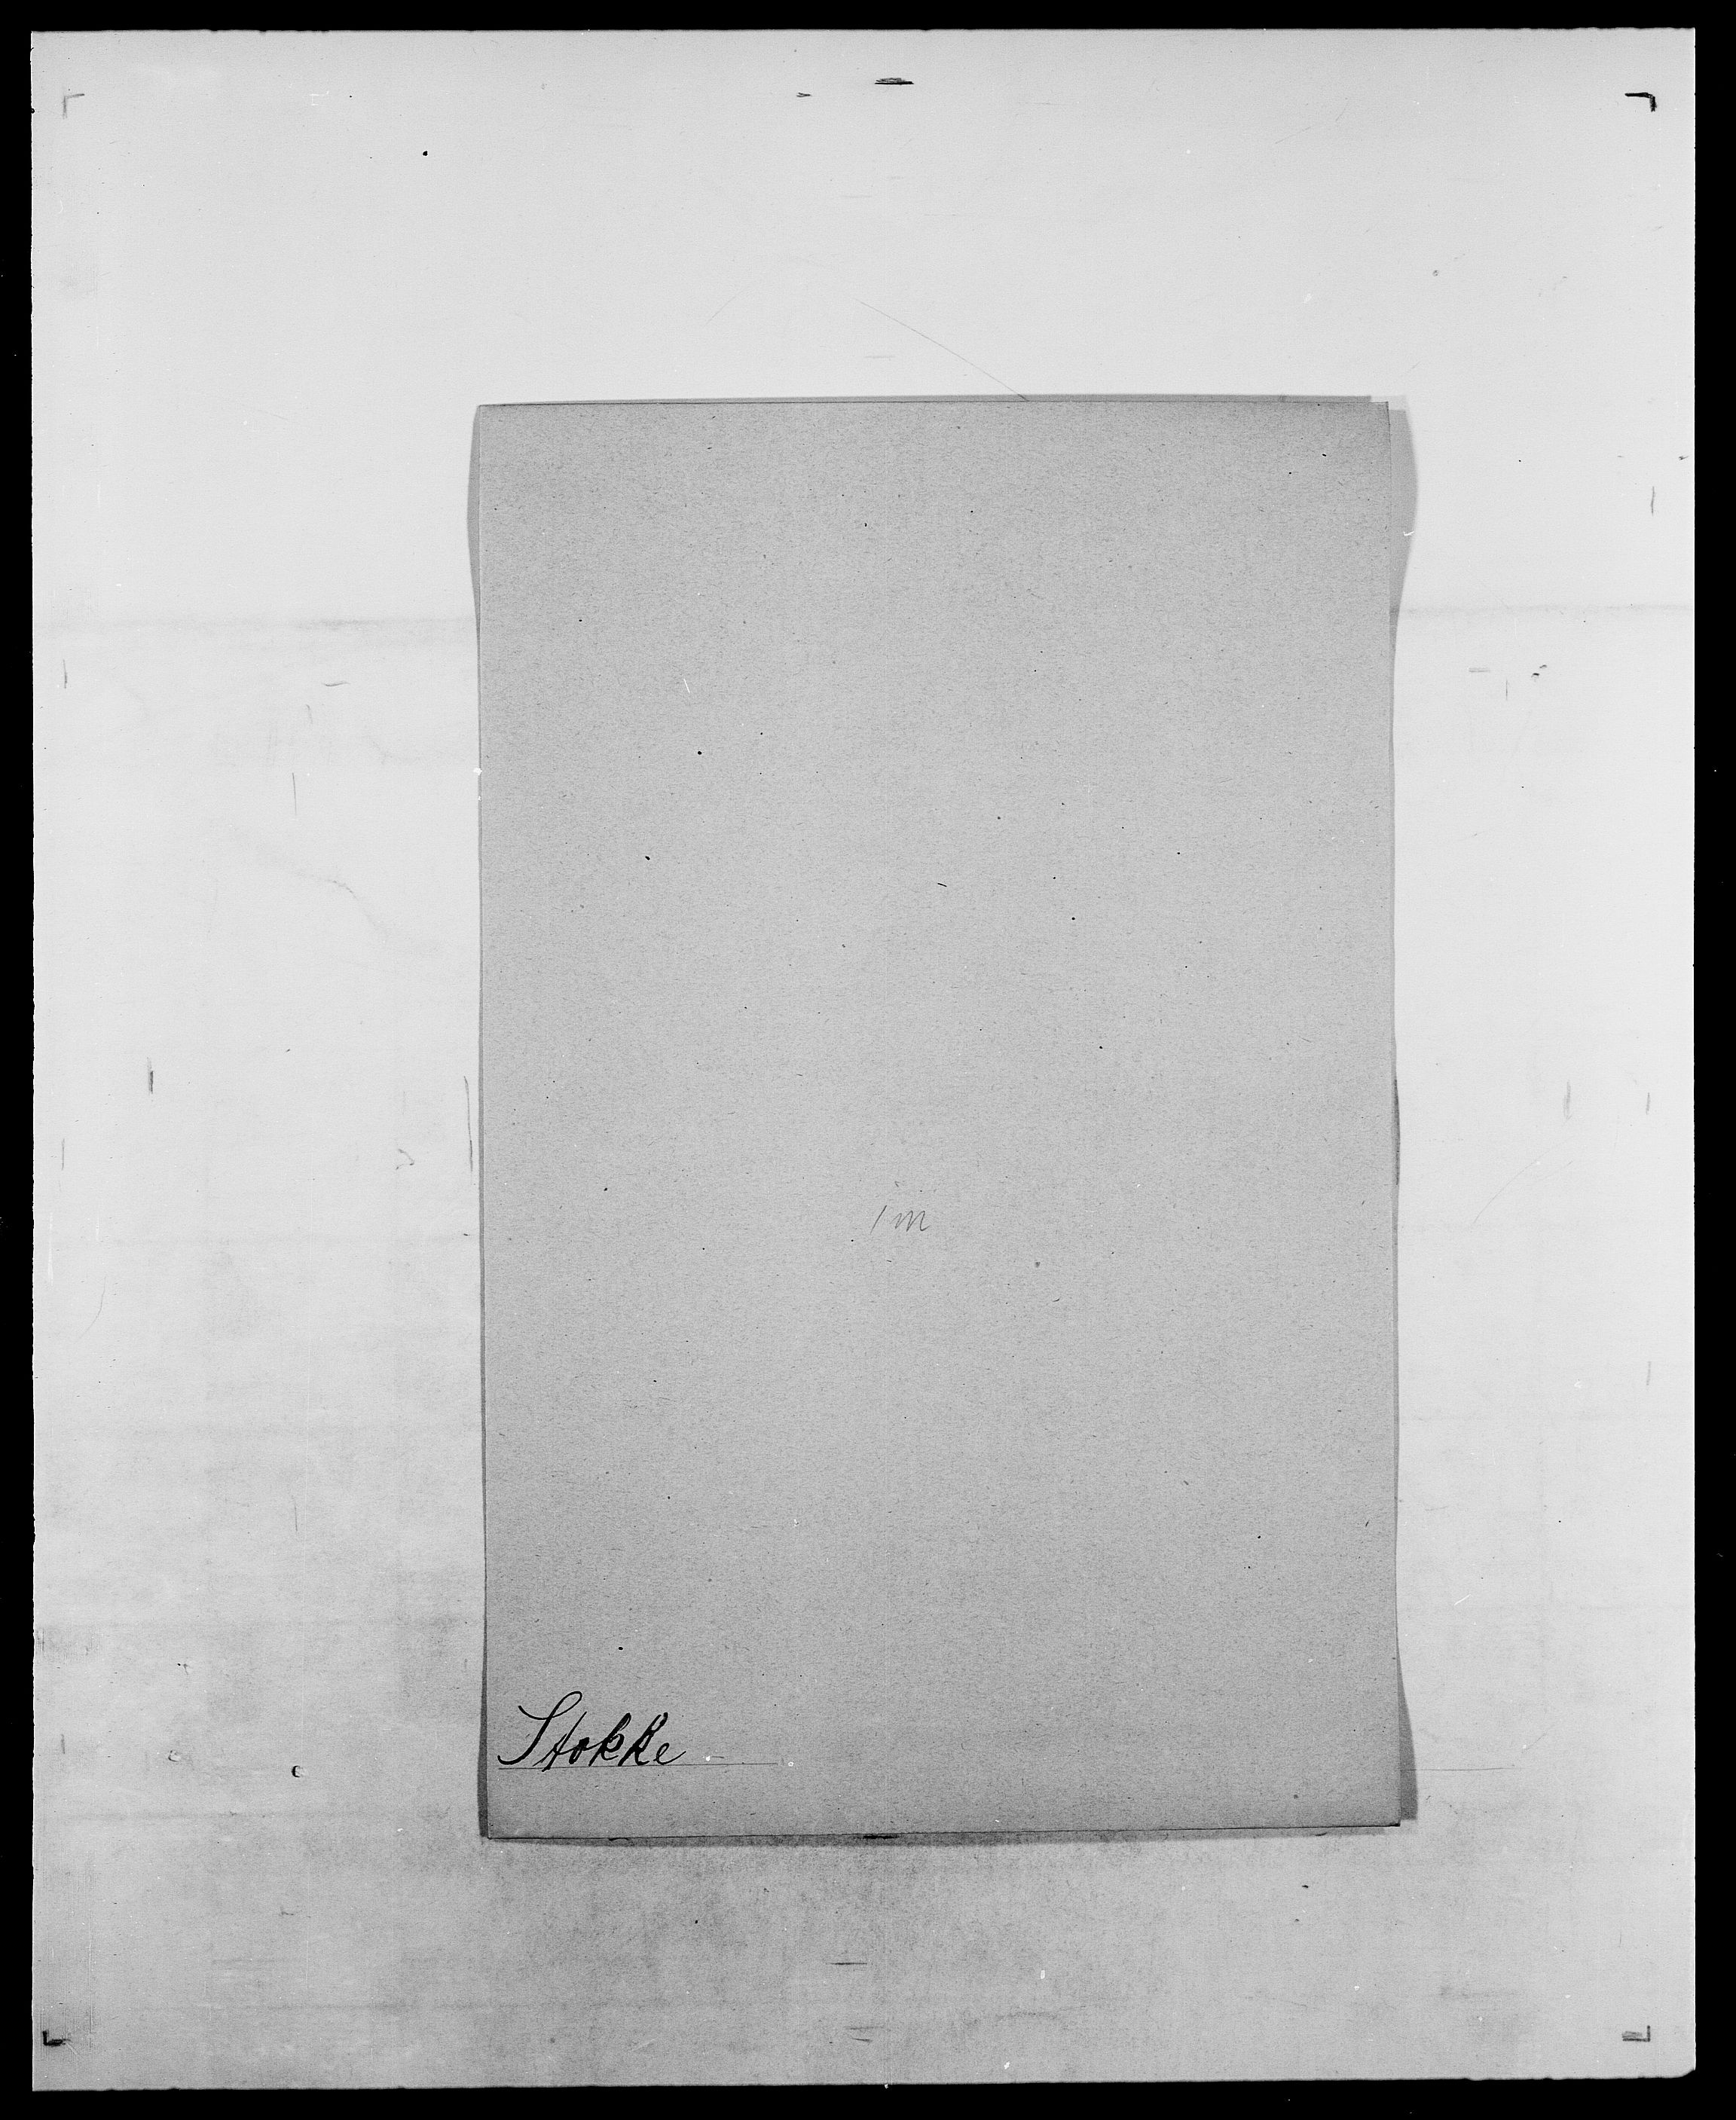 SAO, Delgobe, Charles Antoine - samling, D/Da/L0037: Steen, Sthen, Stein - Svare, Svanige, Svanne, se også Svanning og Schwane, s. 433